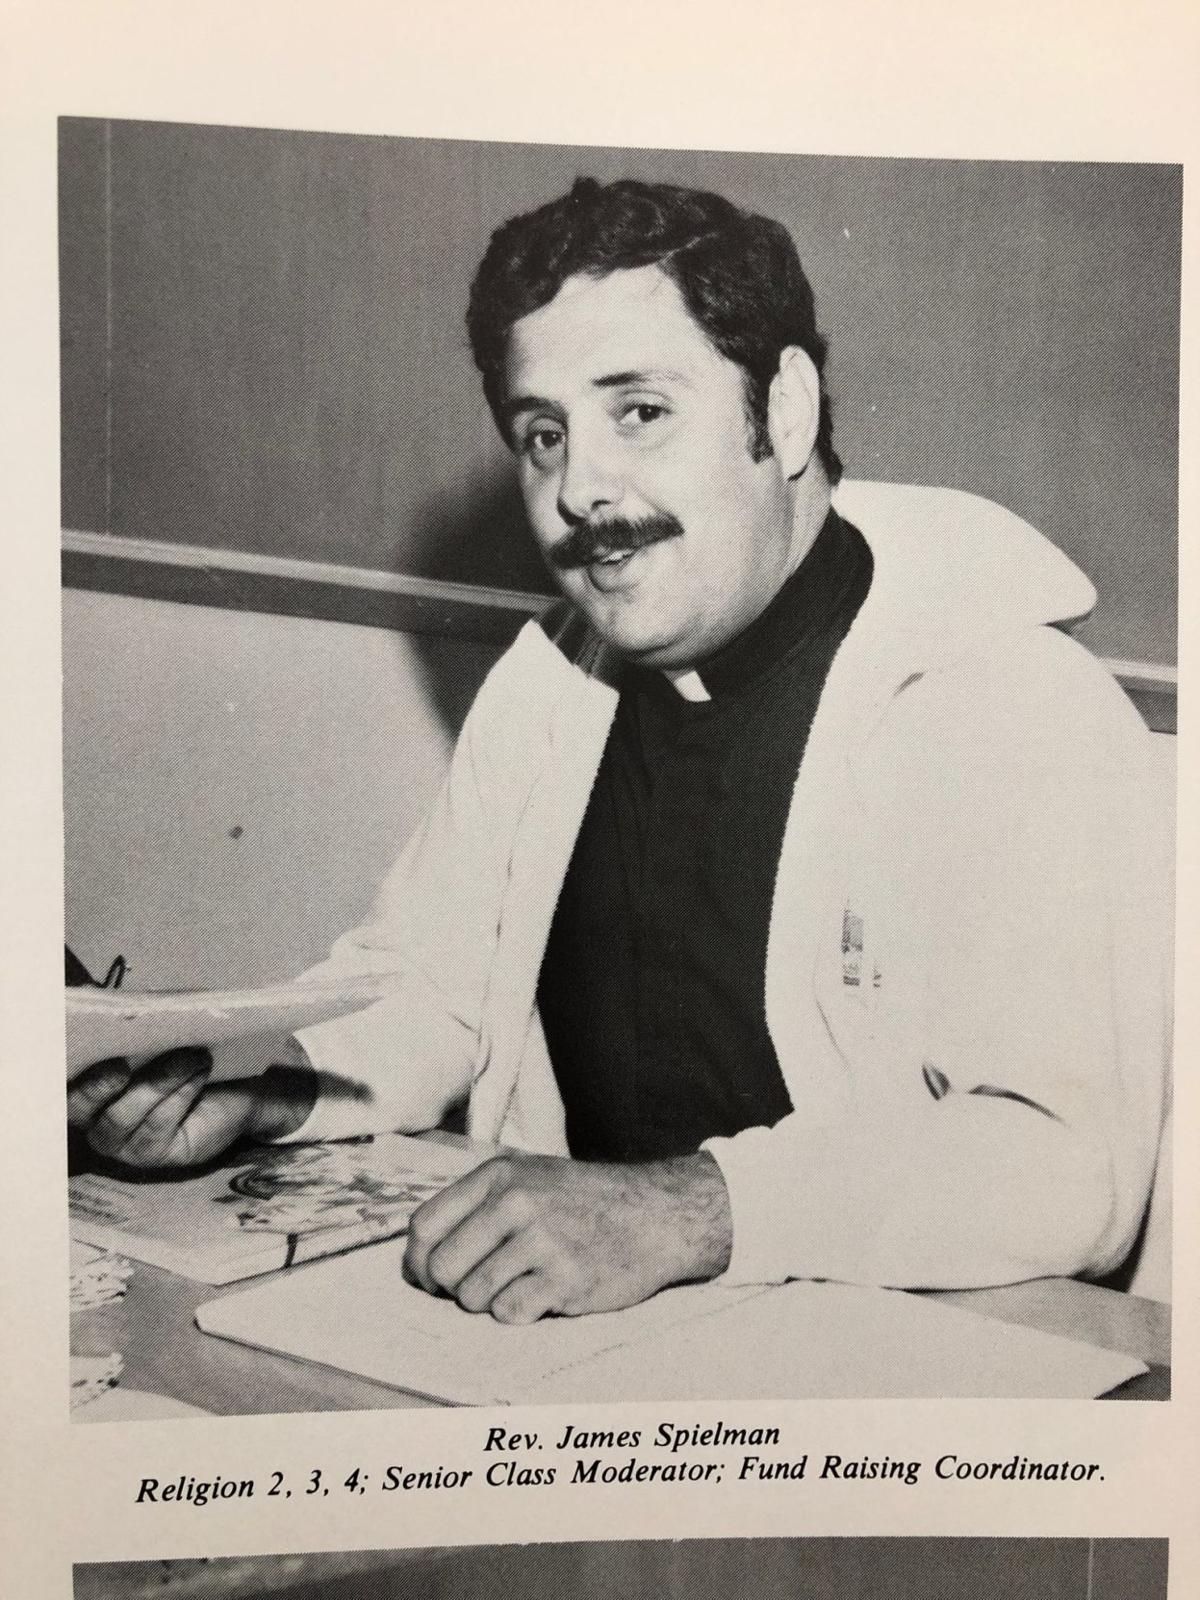 Rev.-James-Spielman-1981